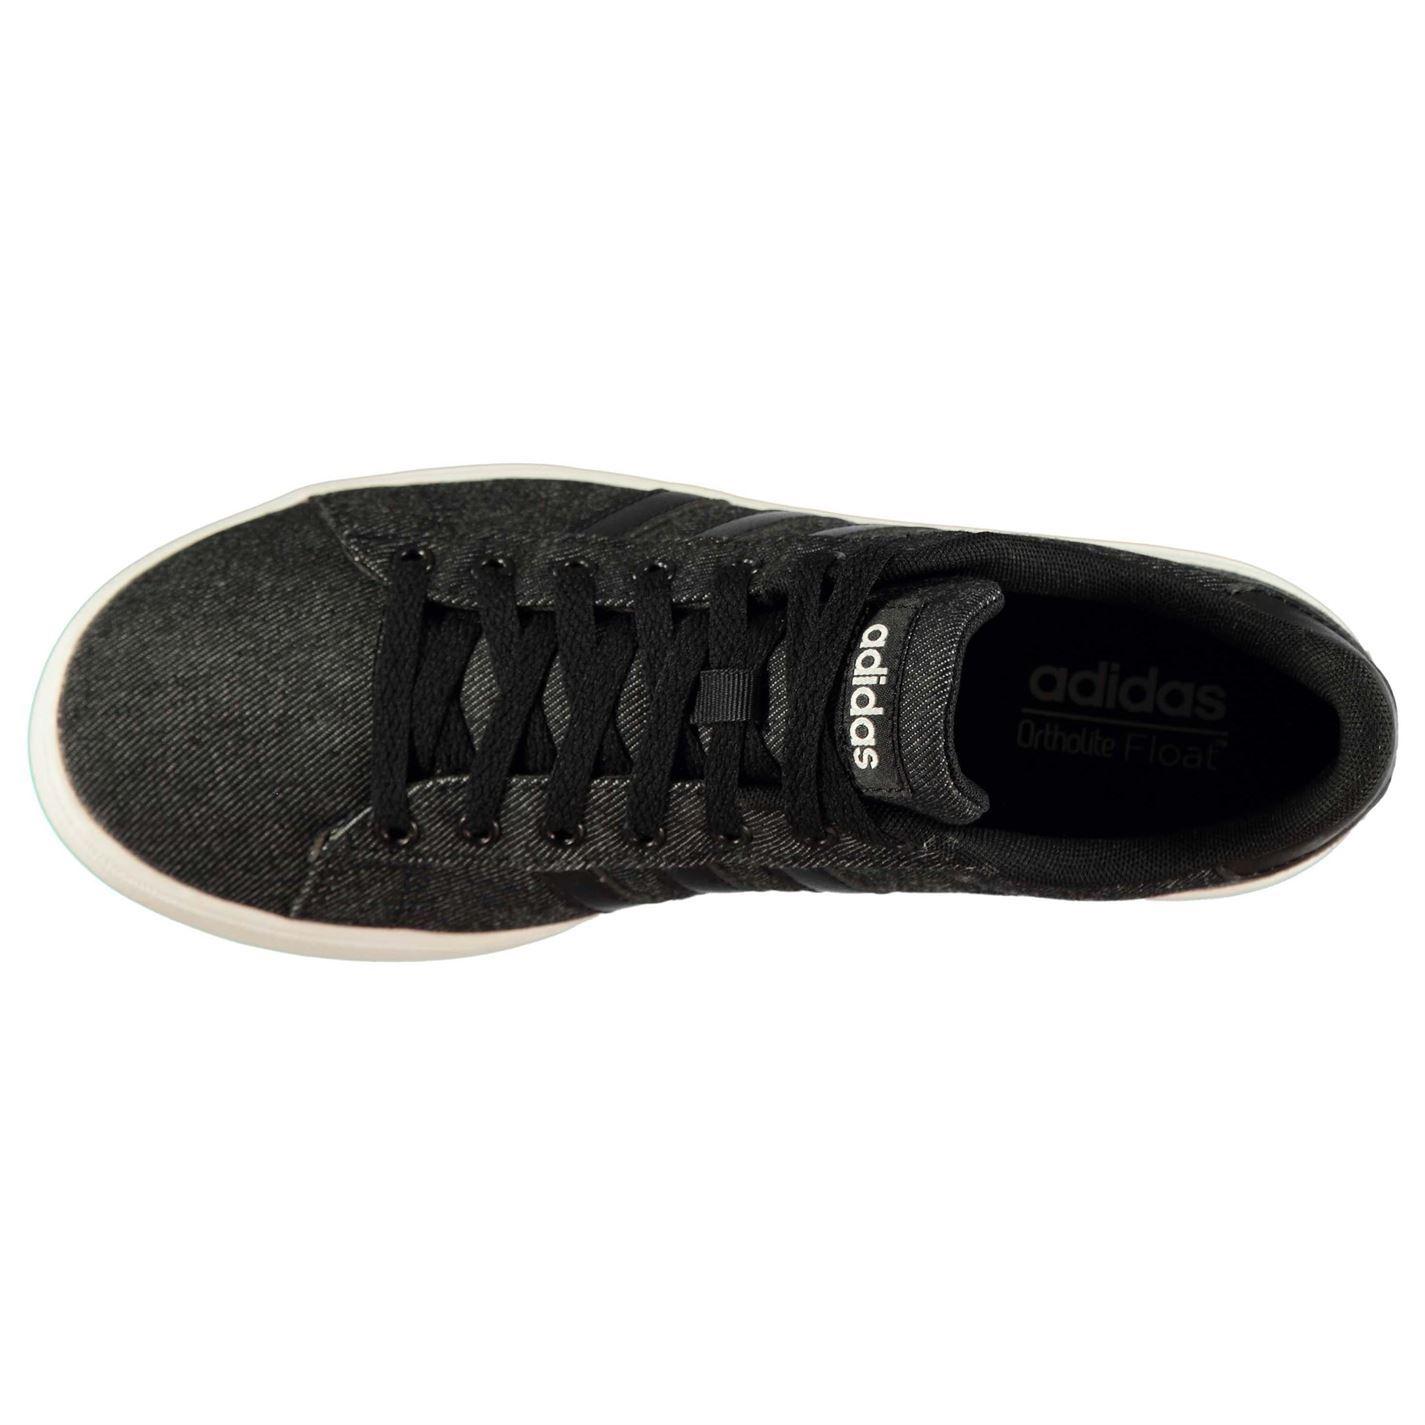 Daily 2.0 Shoes Black Mens   Black canvas shoes, Black shoes